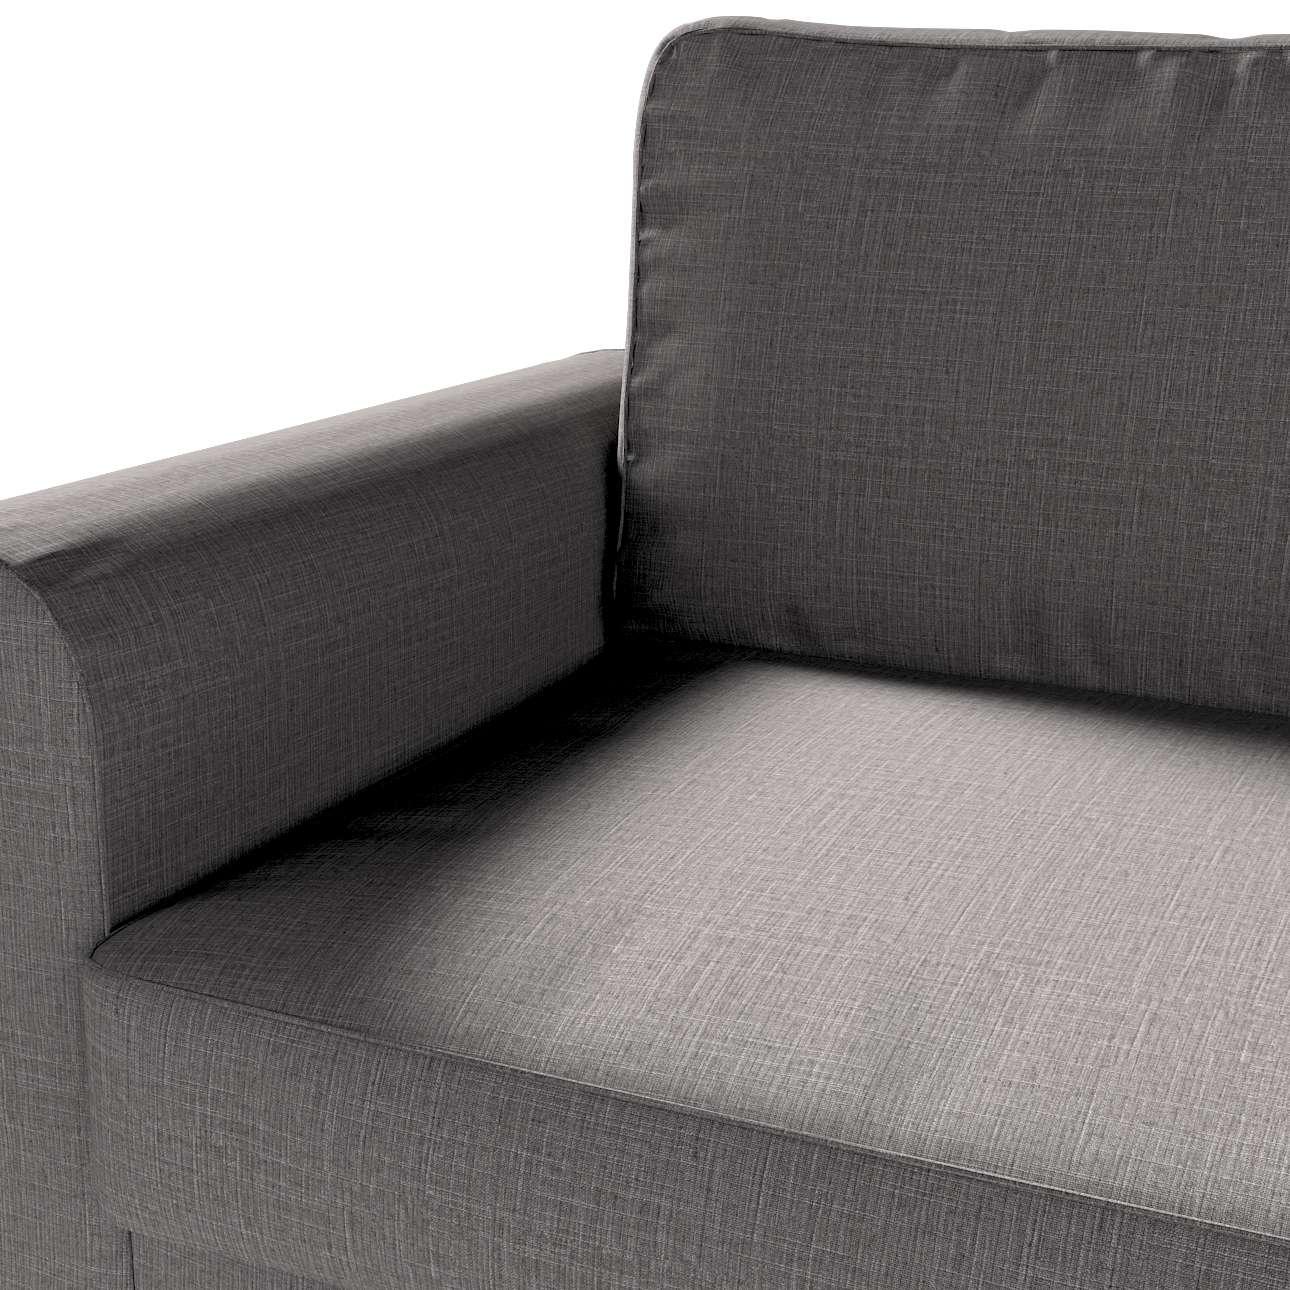 Bezug für Backabro 3-Sitzer Sofa ausklappbar von der Kollektion Living II, Stoff: 161-16